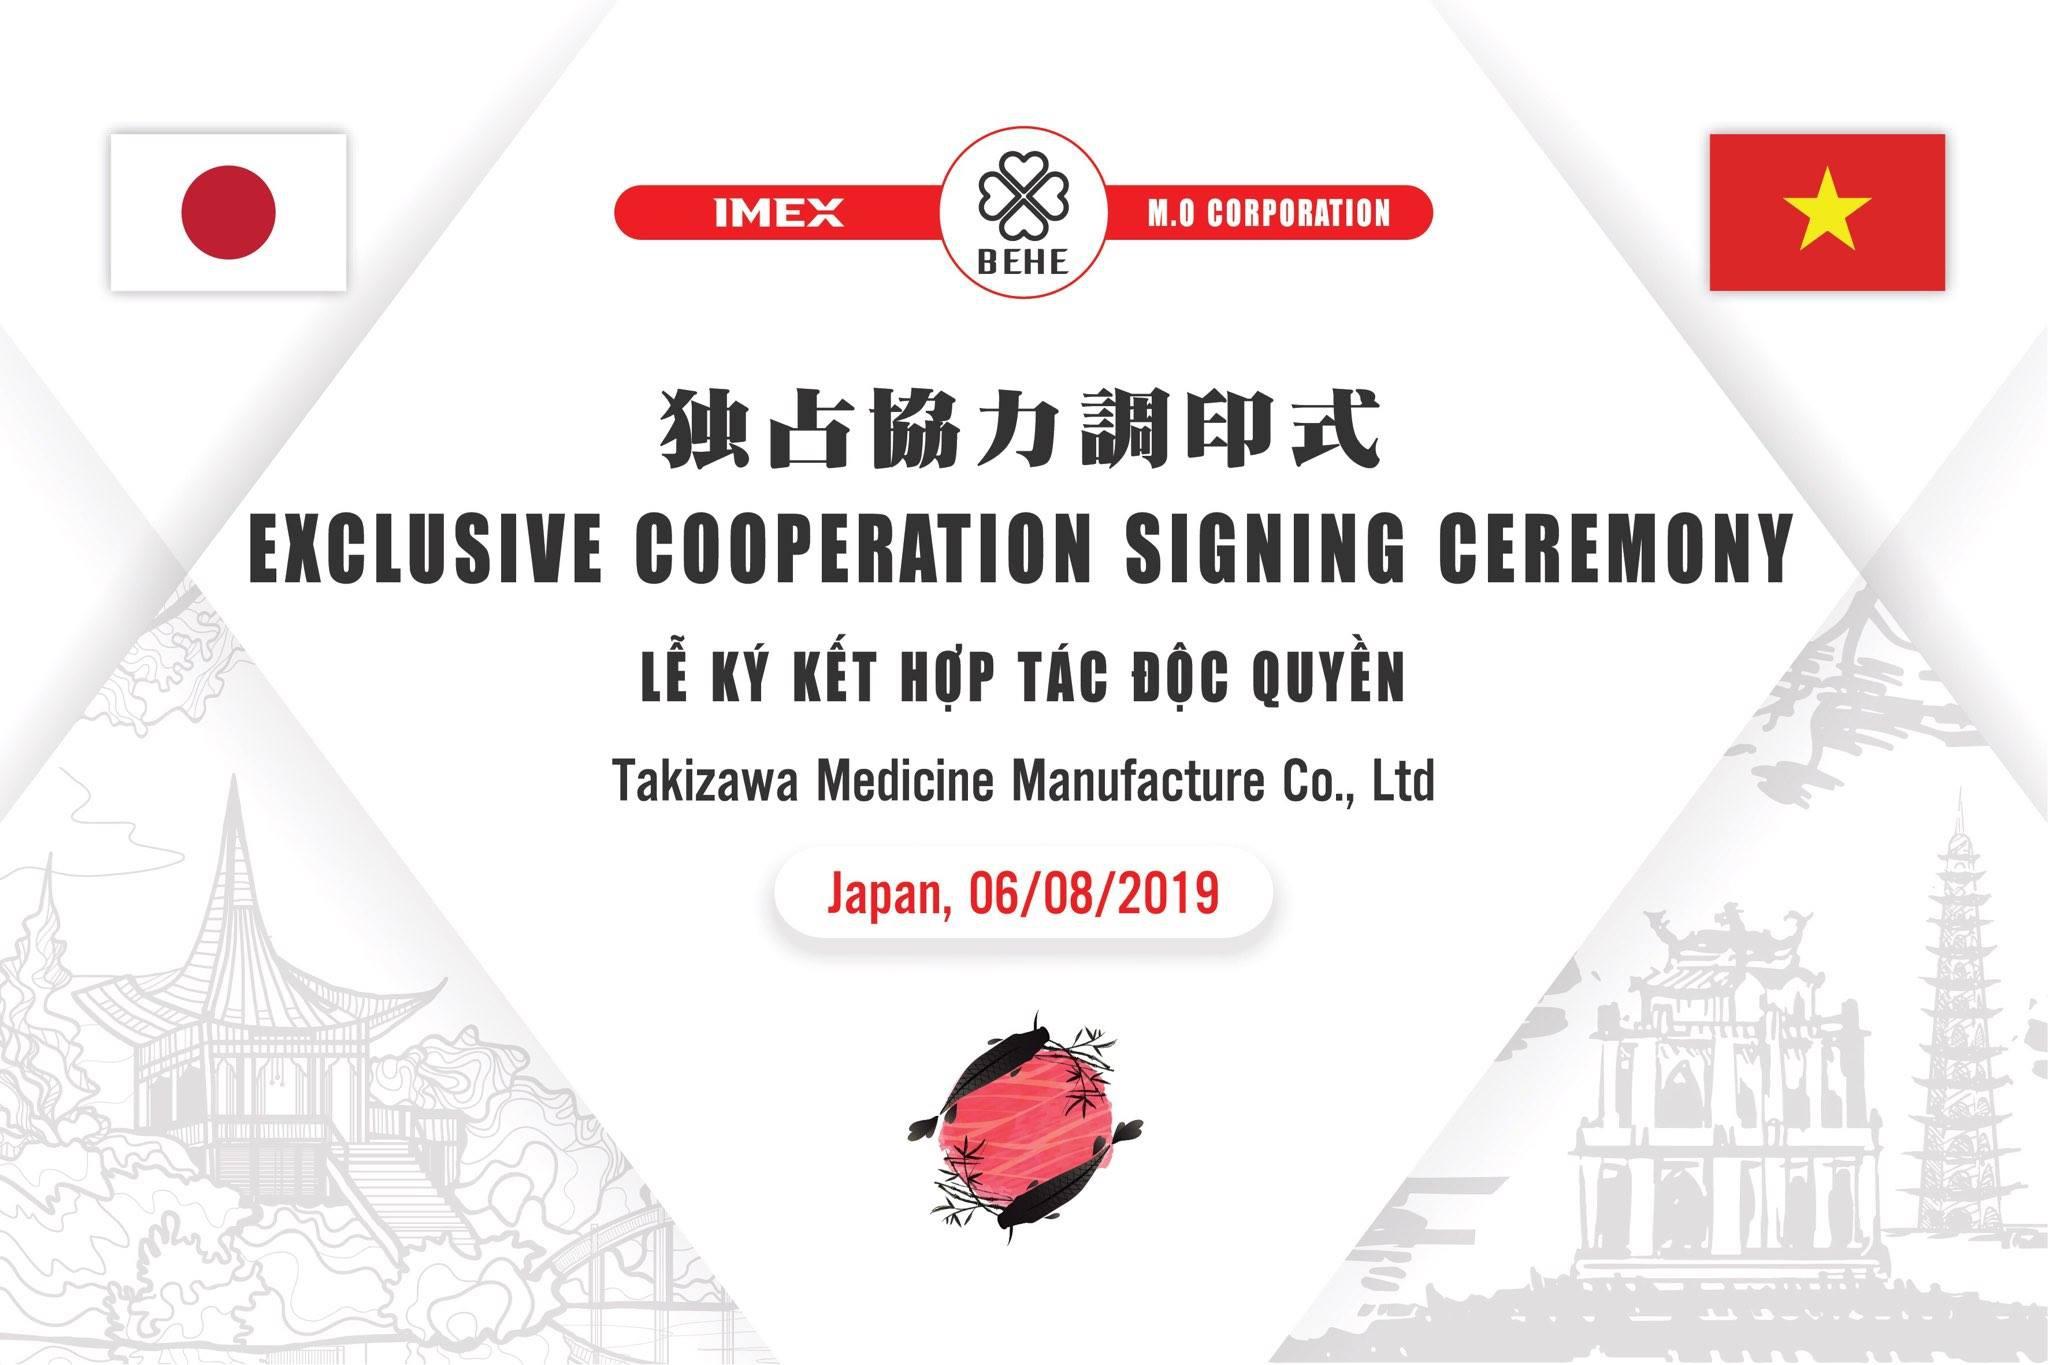 BEHE Việt Nam và Imex ký kết hợp tác độc quyền với tập đoàn Takizawa - 1